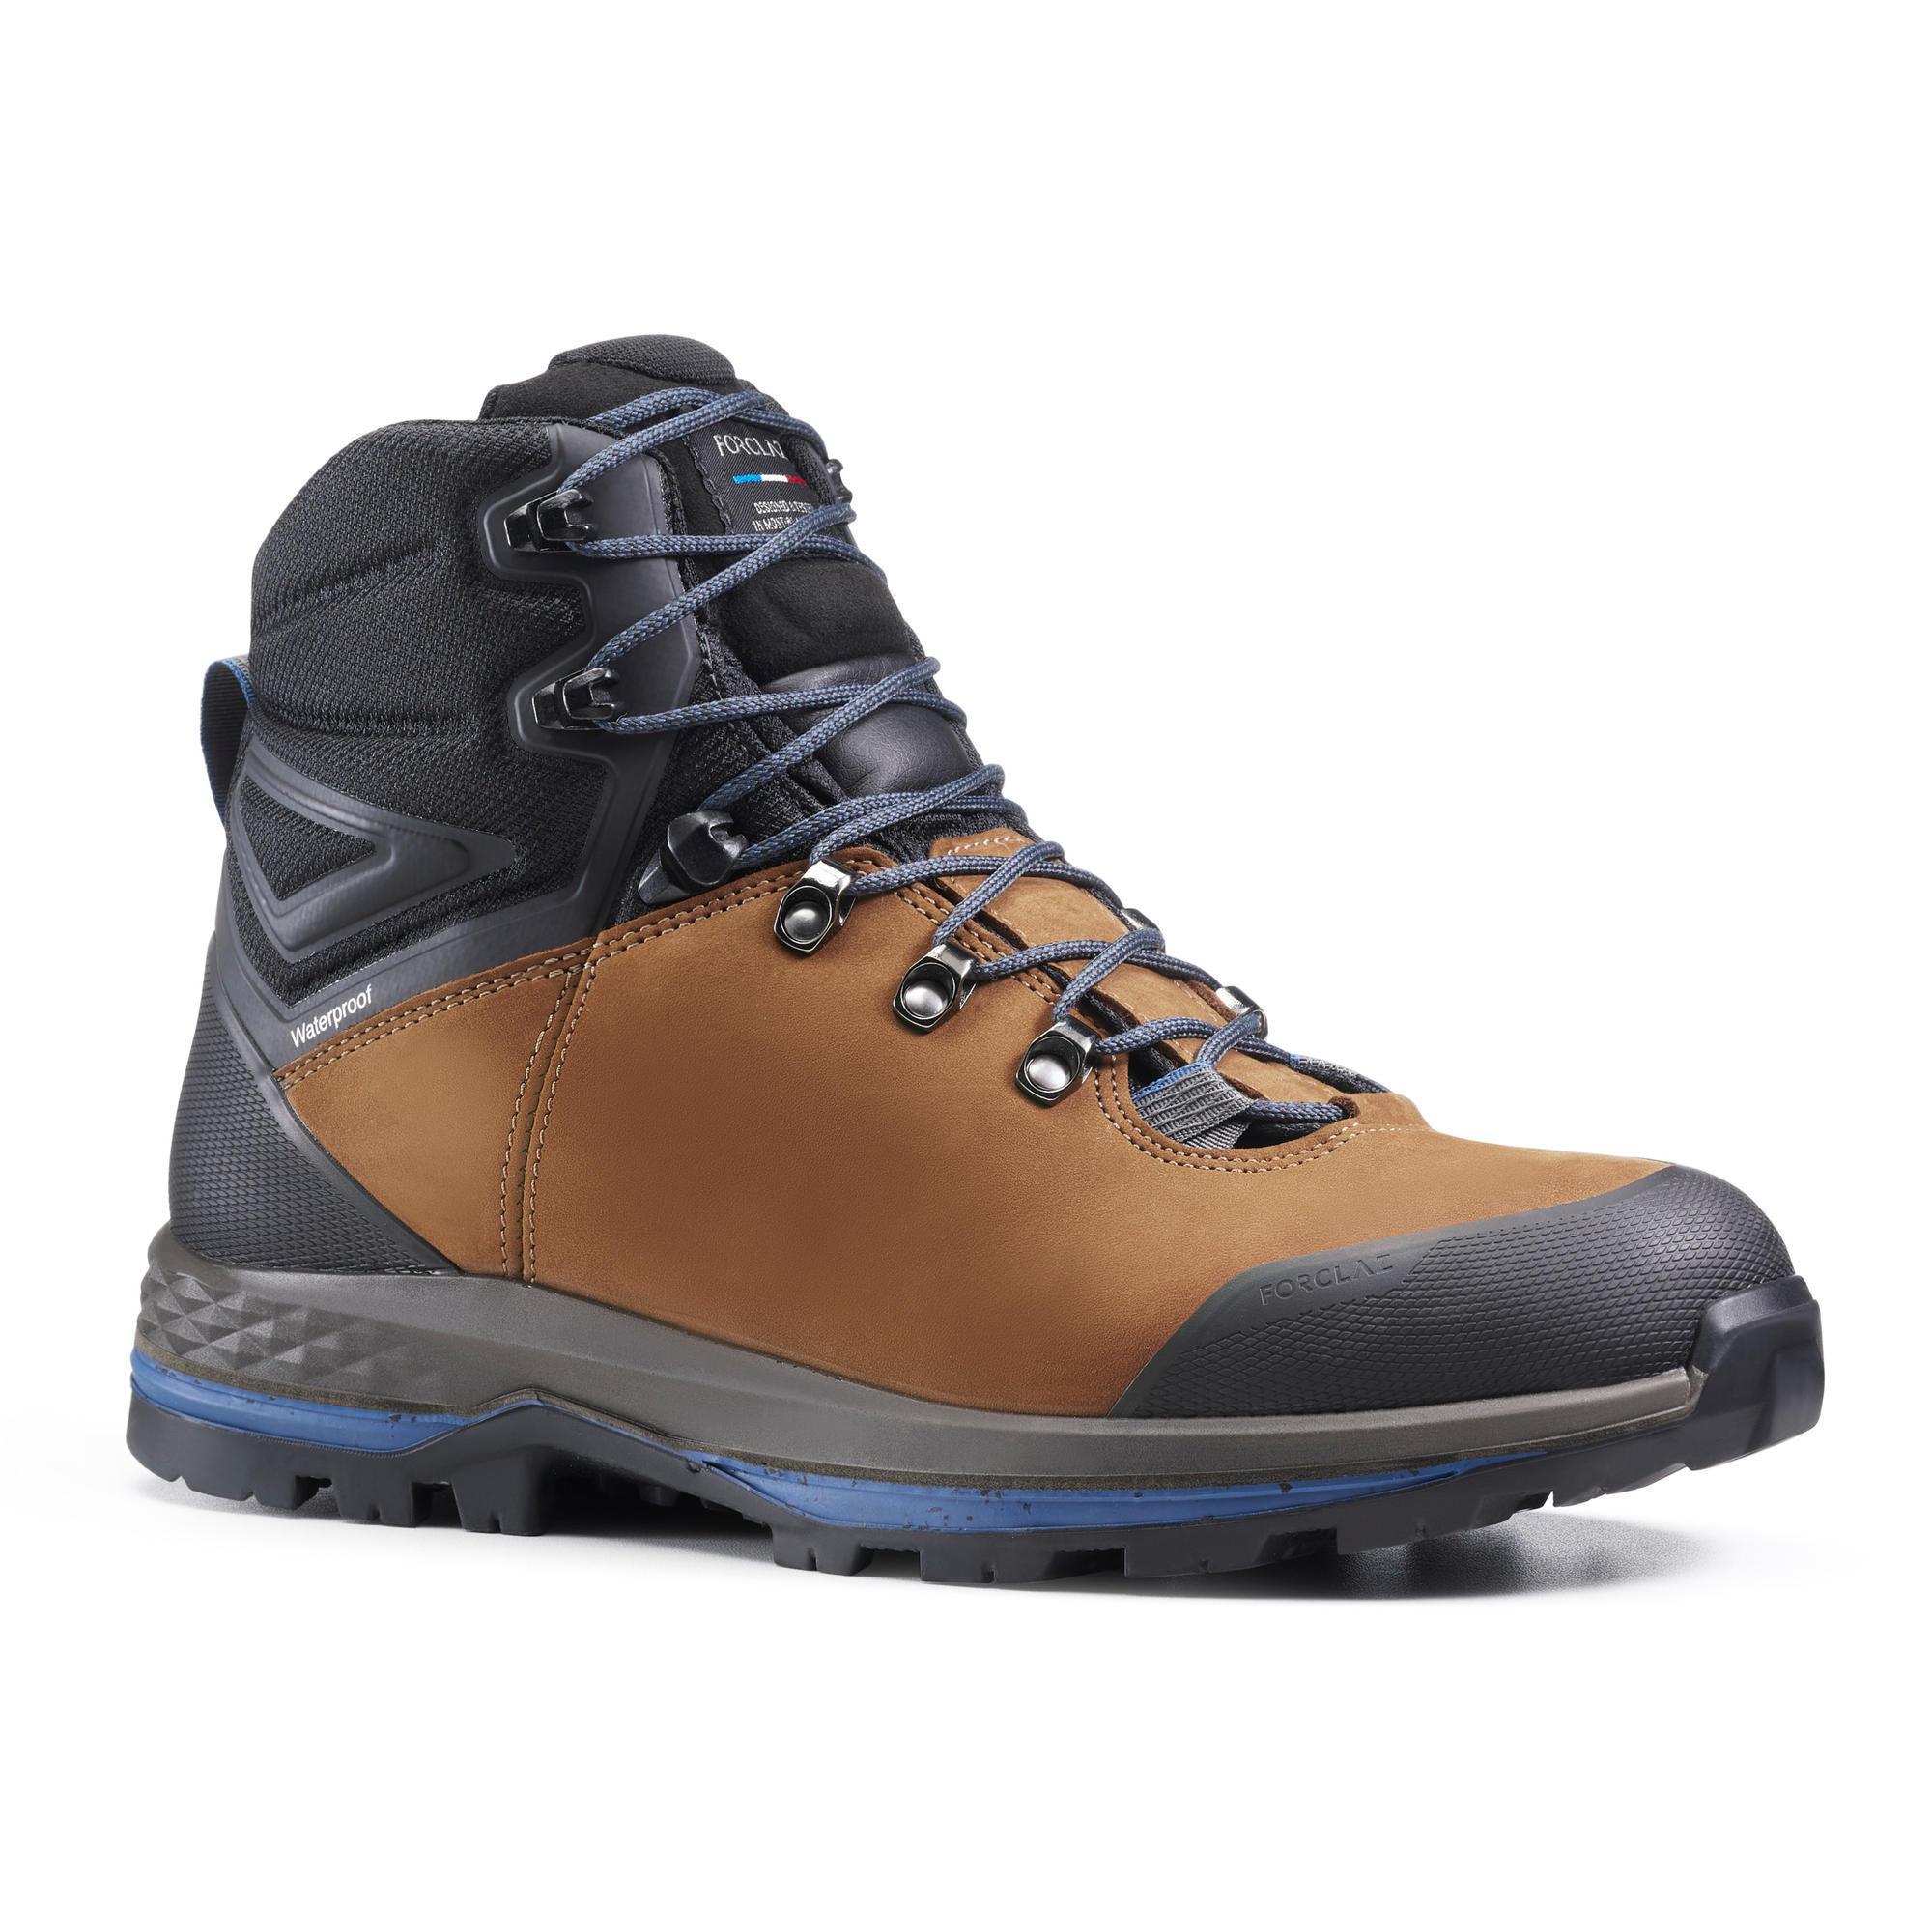 TFO Chaussures de Marche pour Hommes Outdoor Respirantes et durables Chaussures de Trekking et de Randonn/¨/¦e /¨/¤ Faible Hauteur